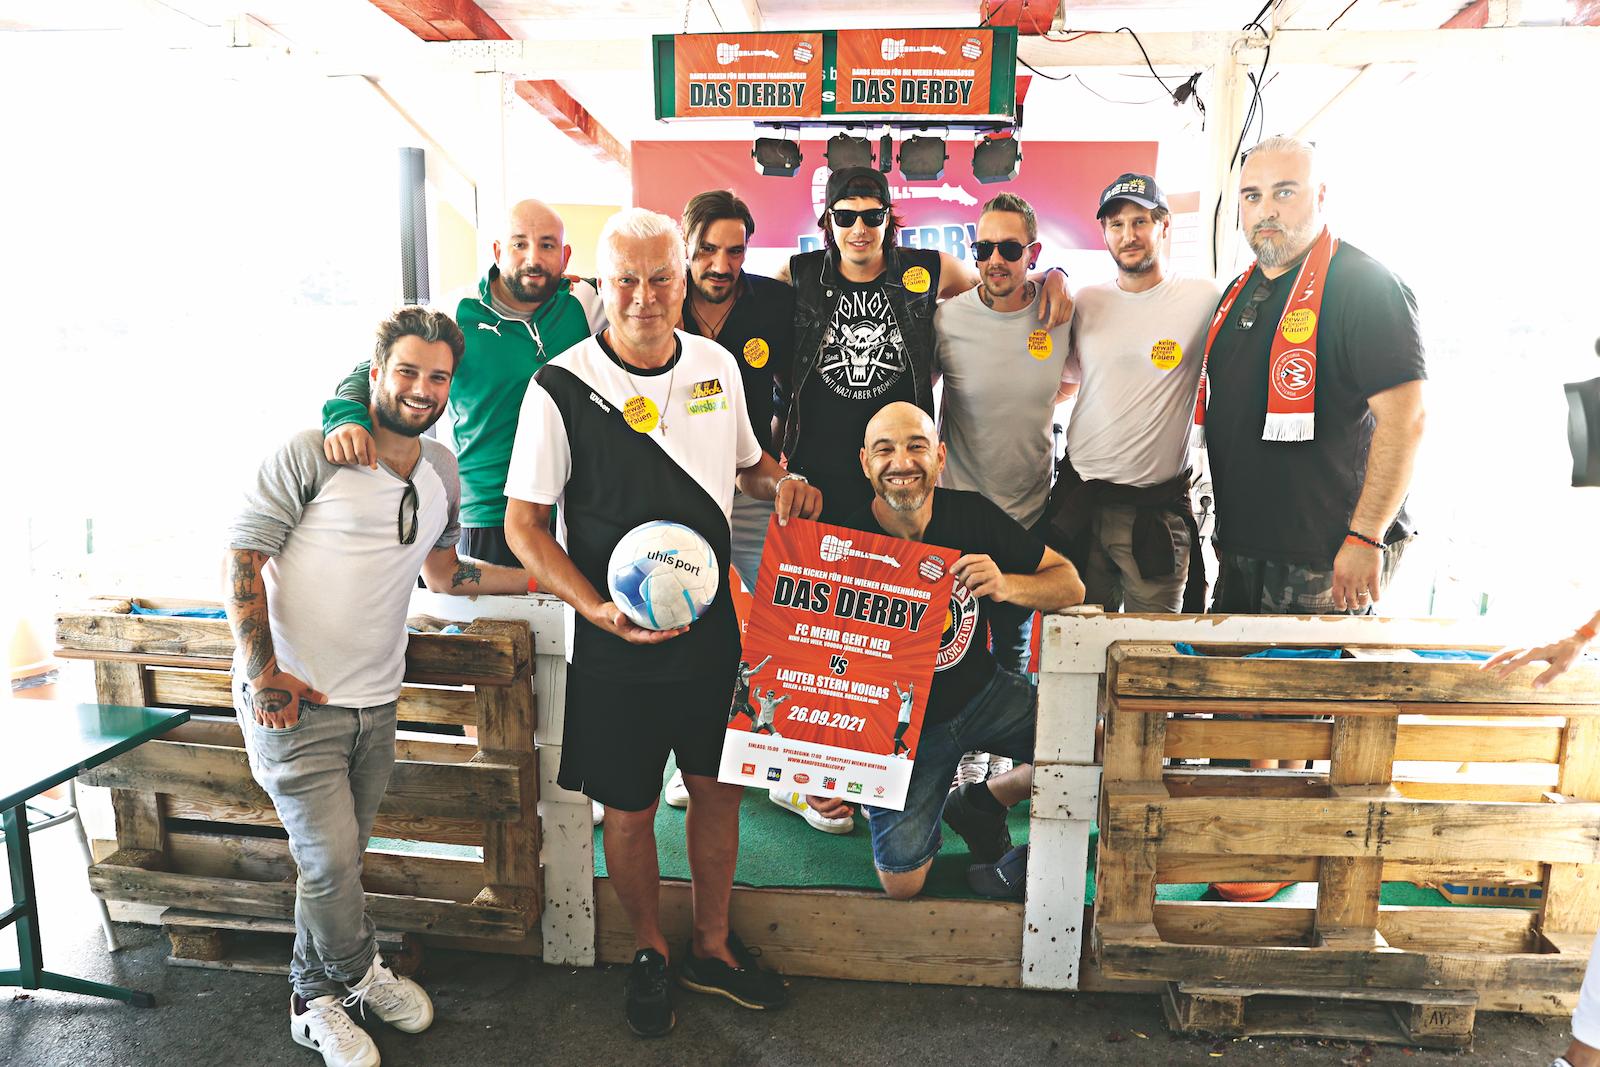 Roman Gregory bei  seiner Charity-Aktion Band-Fußball. Bild: ROBIN CONSULT Roland Rudolf